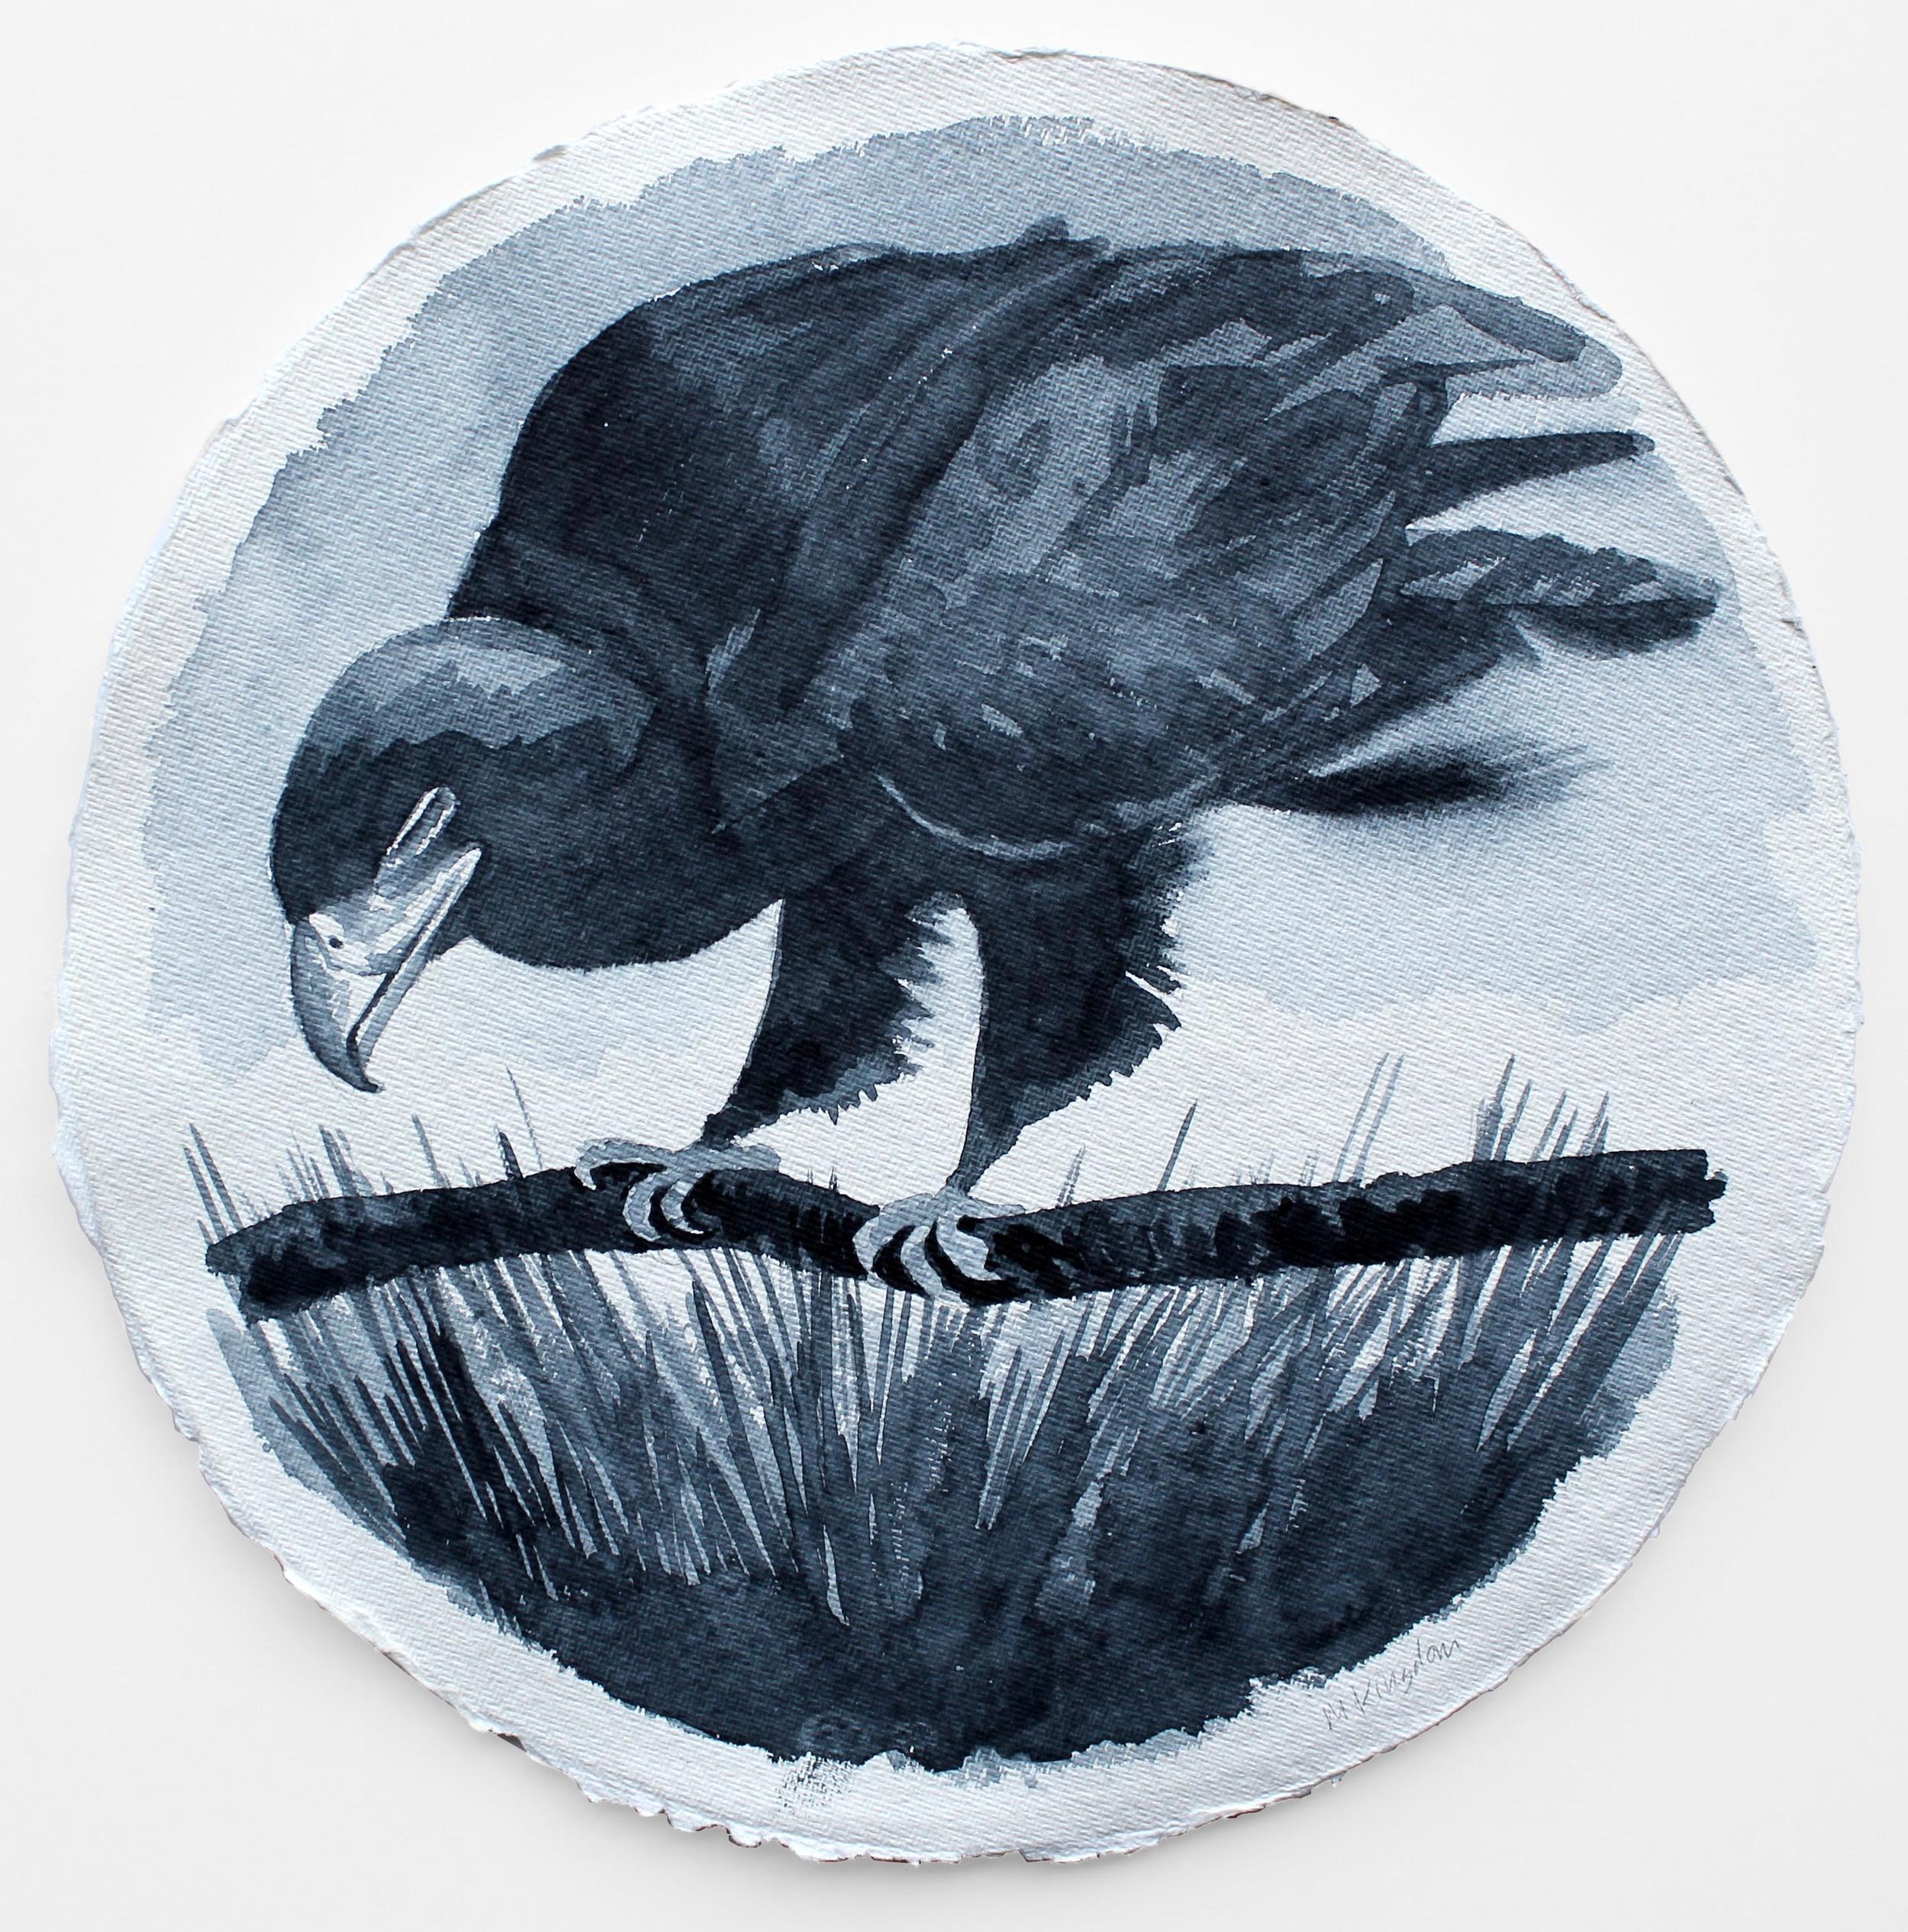 'Creative Destruction (Blind Eagle)'